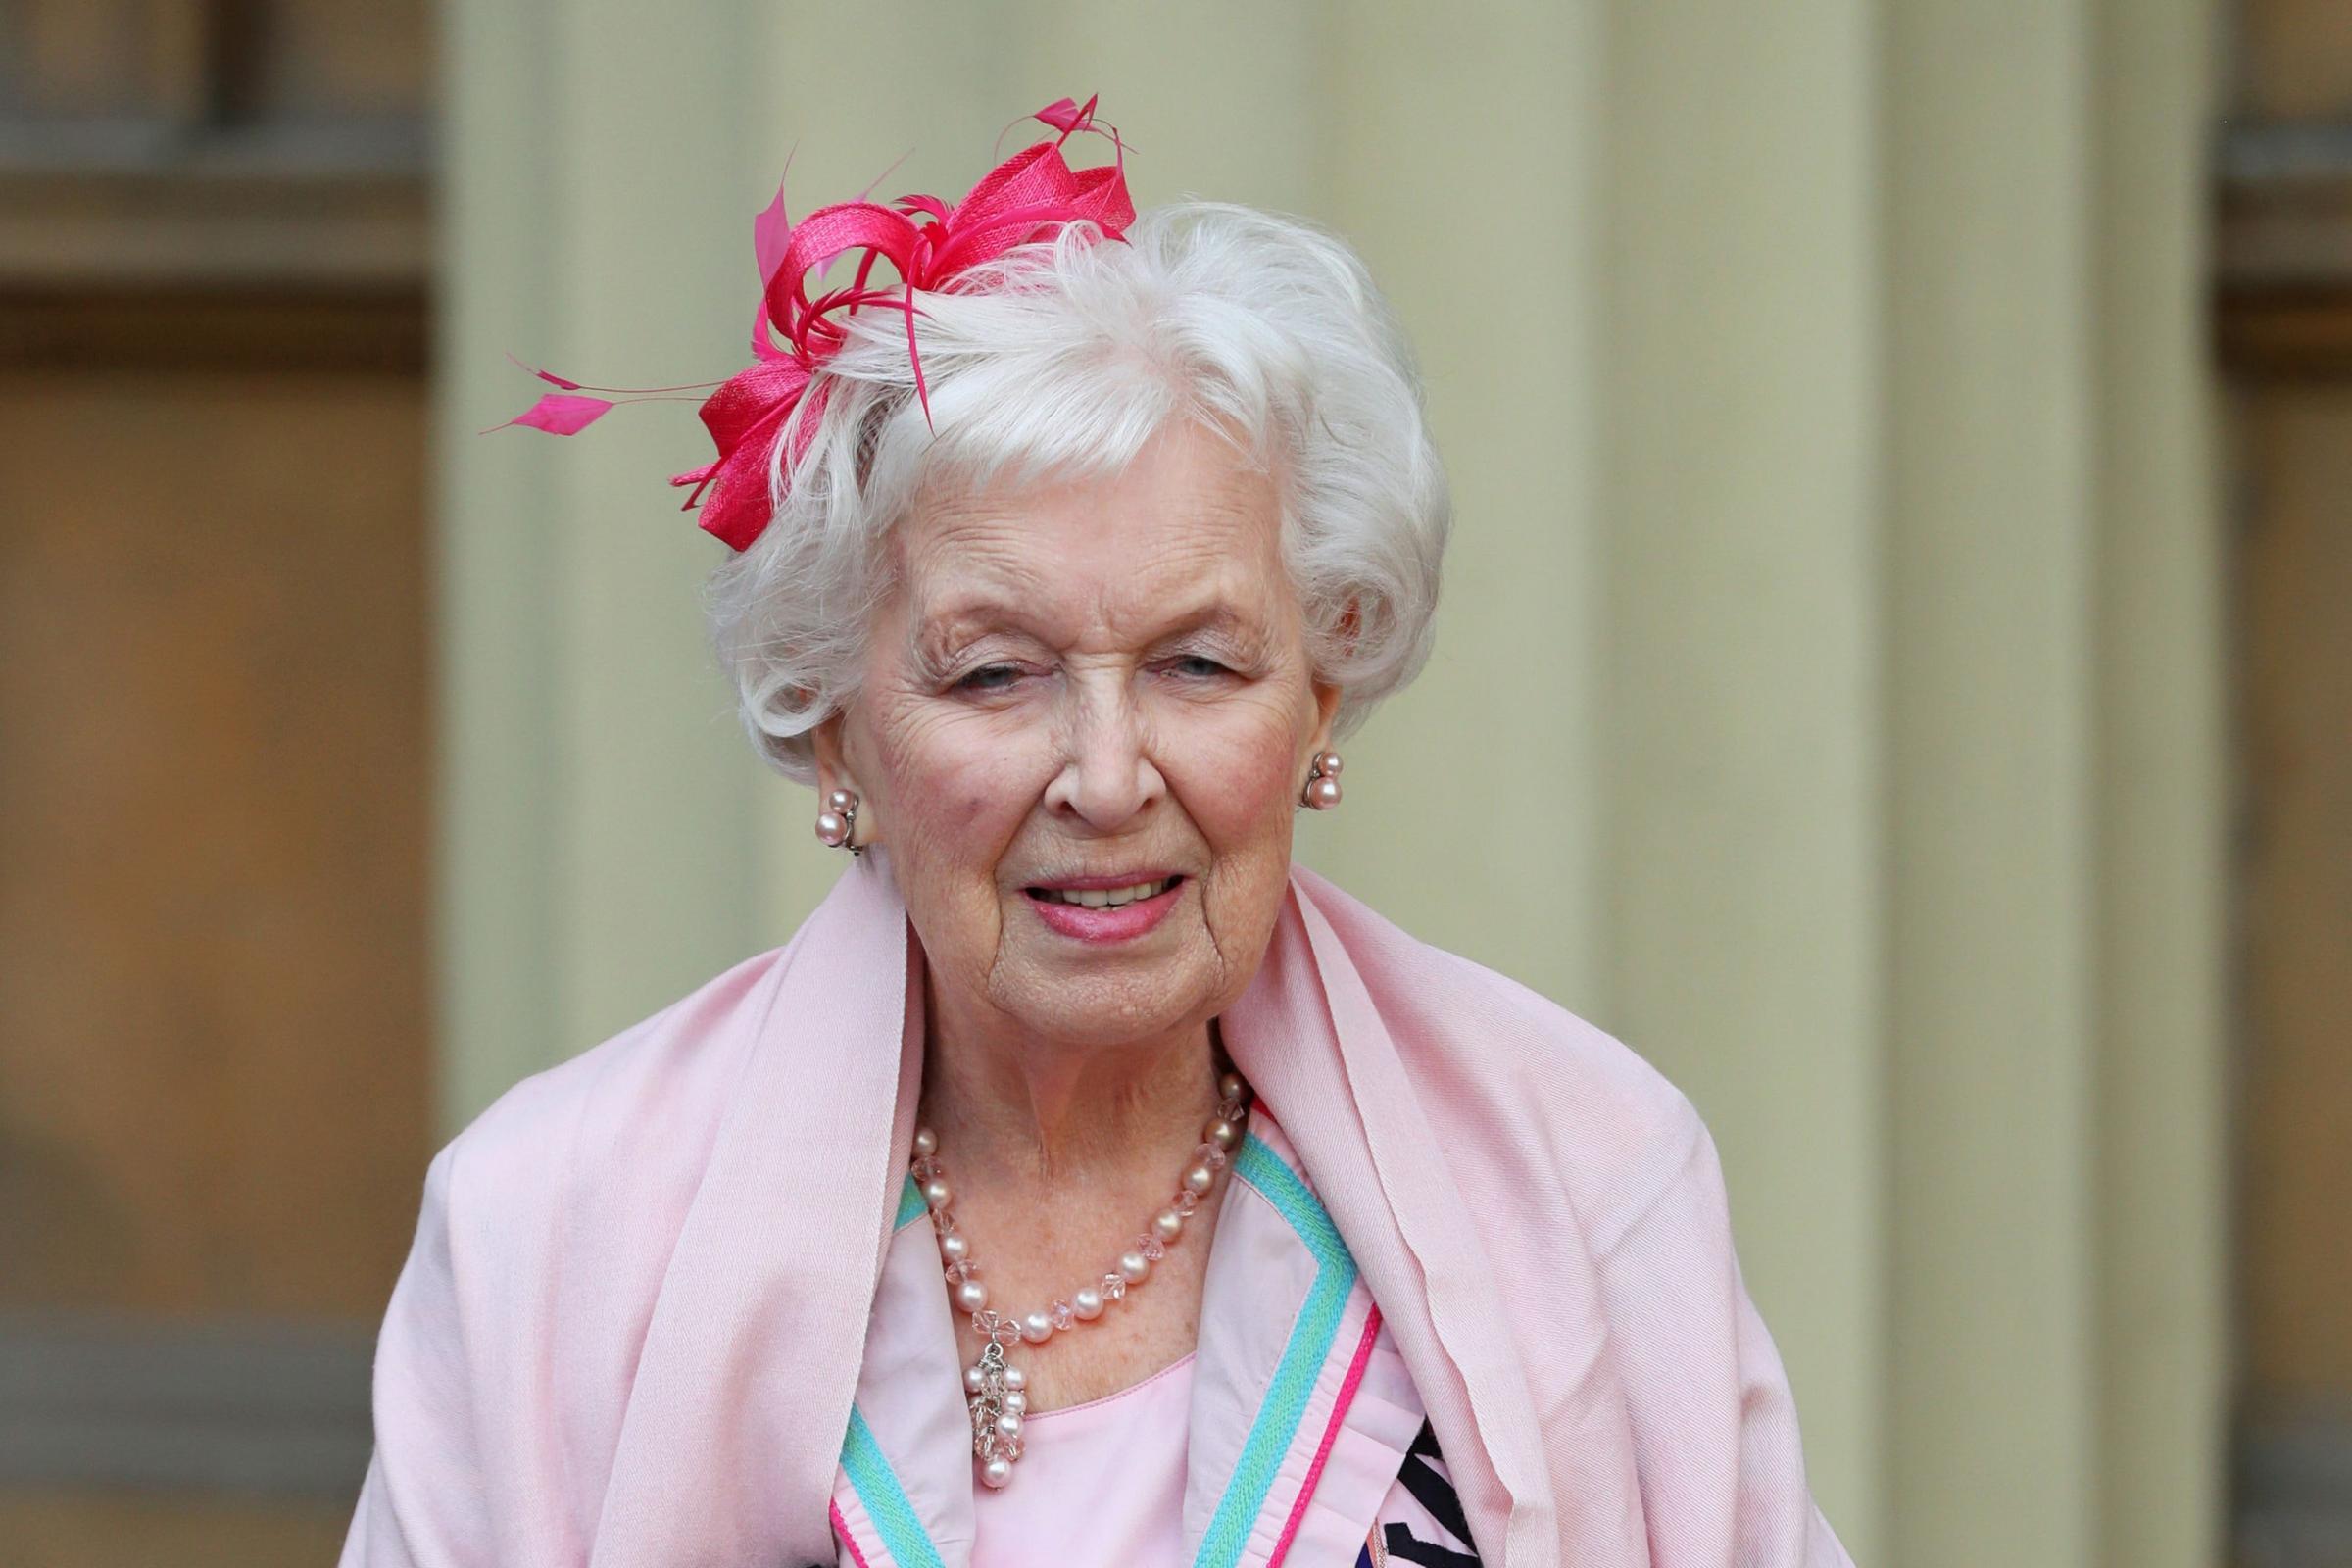 经验丰富的喜剧演员Dame June Whitfield已经去世,享年93岁